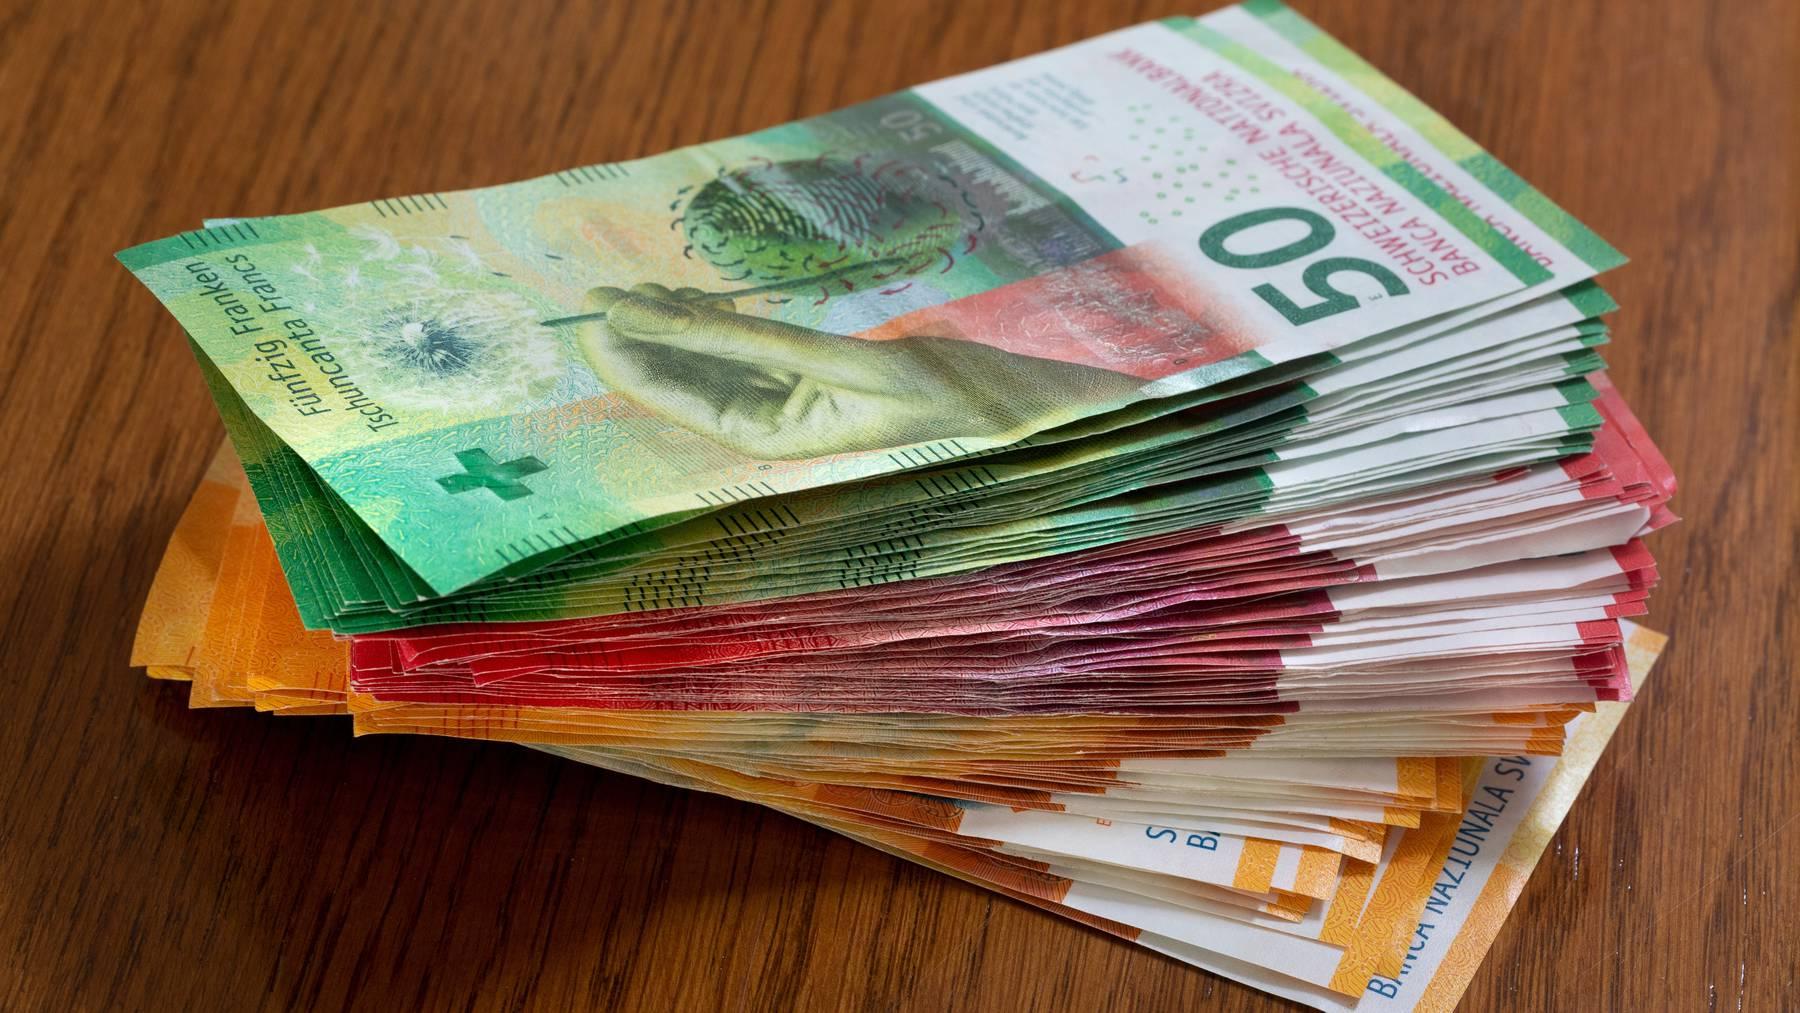 Die Löhne sind bei Gesamtarbeitsverträgen 2020 gestiegen. (Symbolbild)